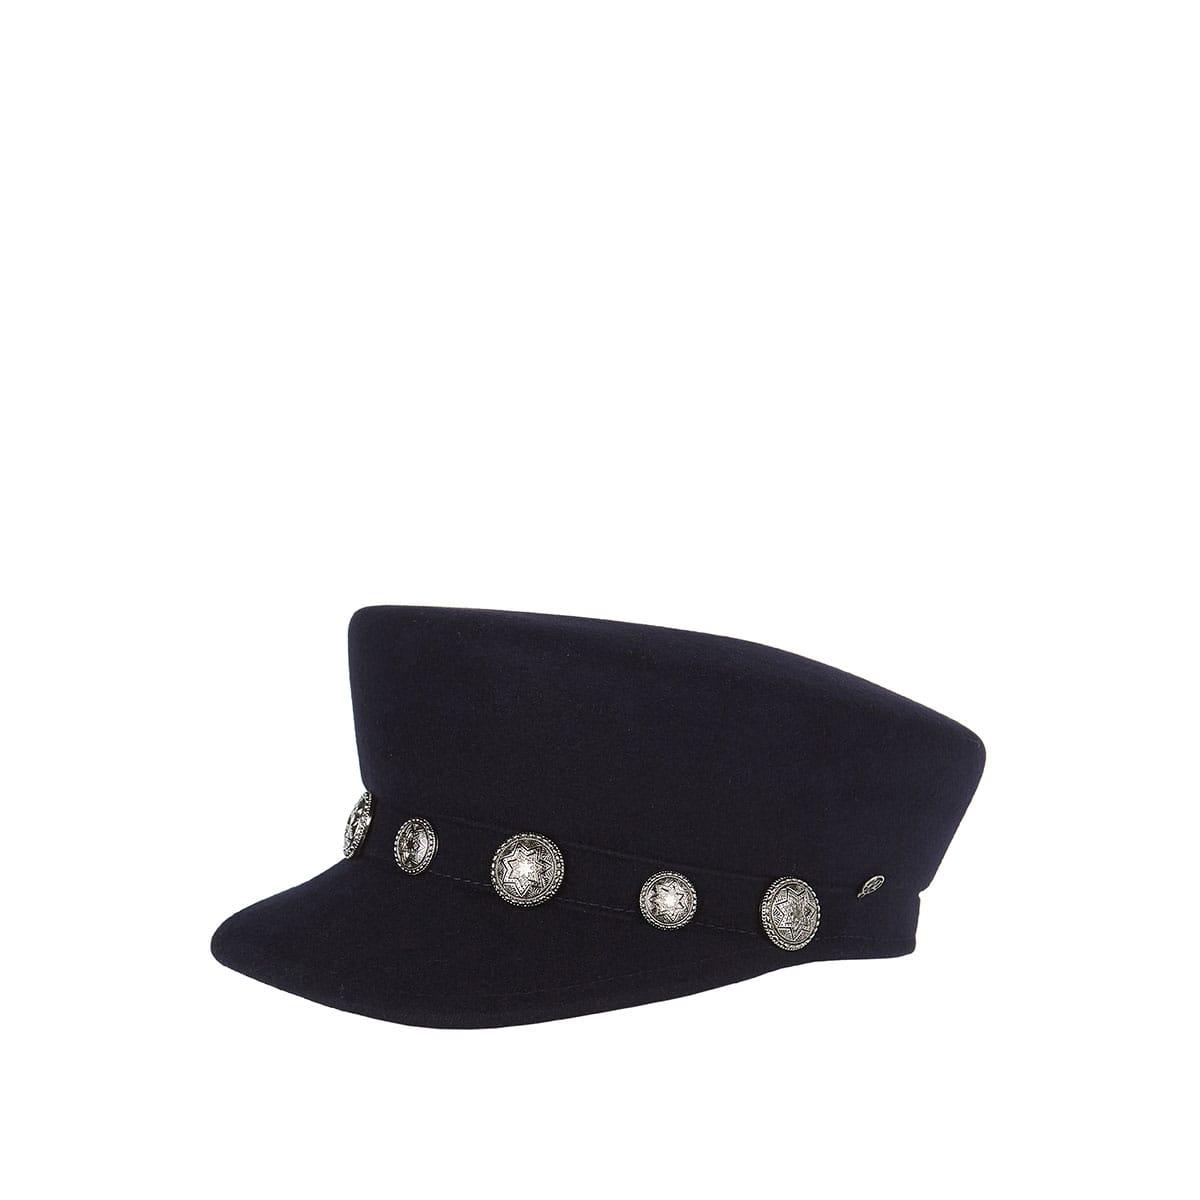 Abby studded felt cap